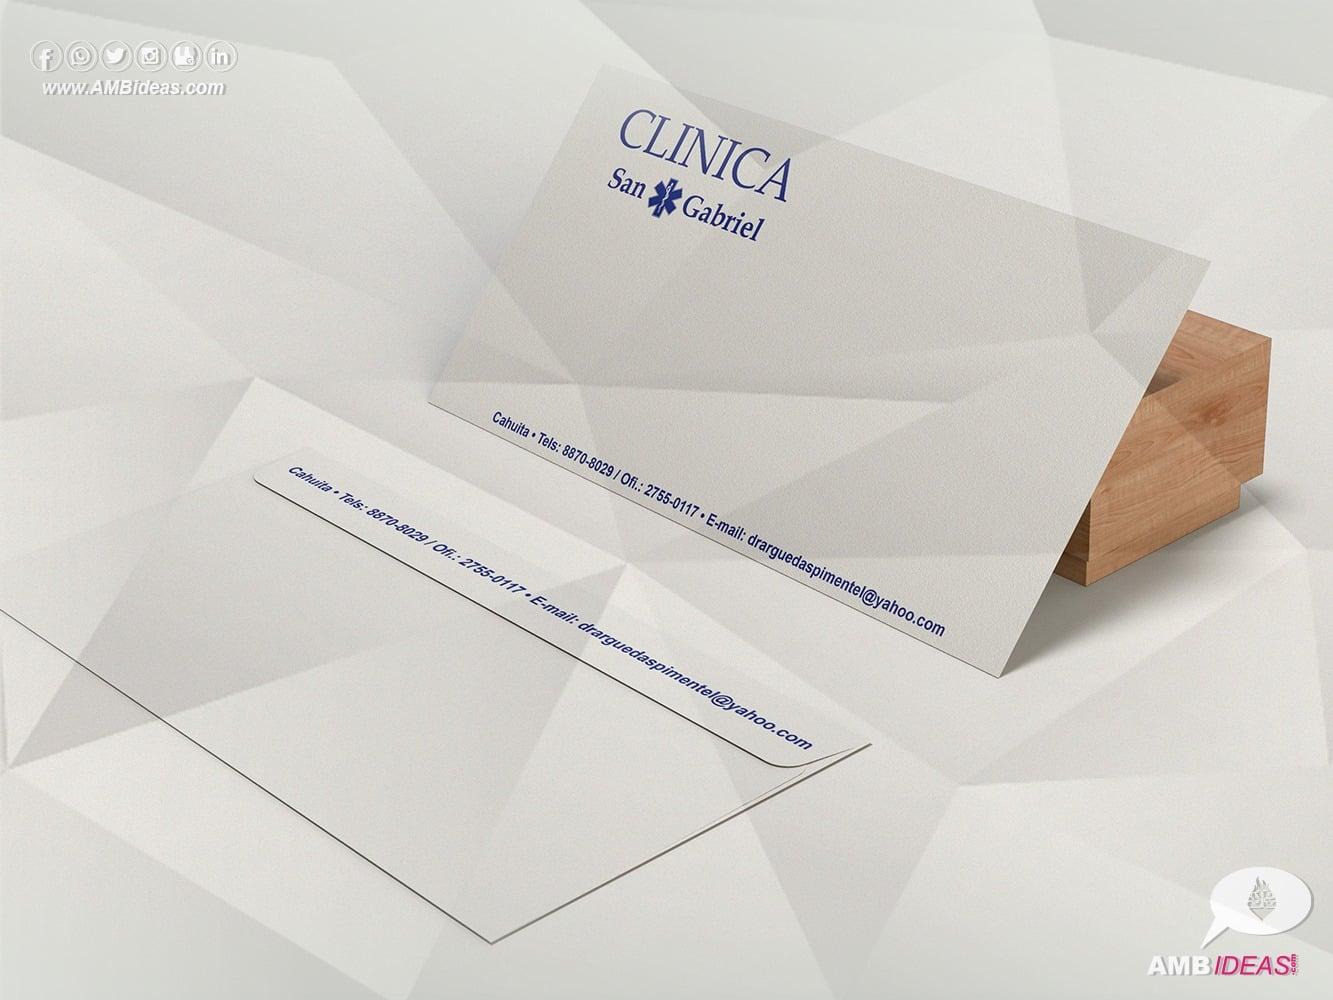 CLINICA SAN GABRIEL - 2